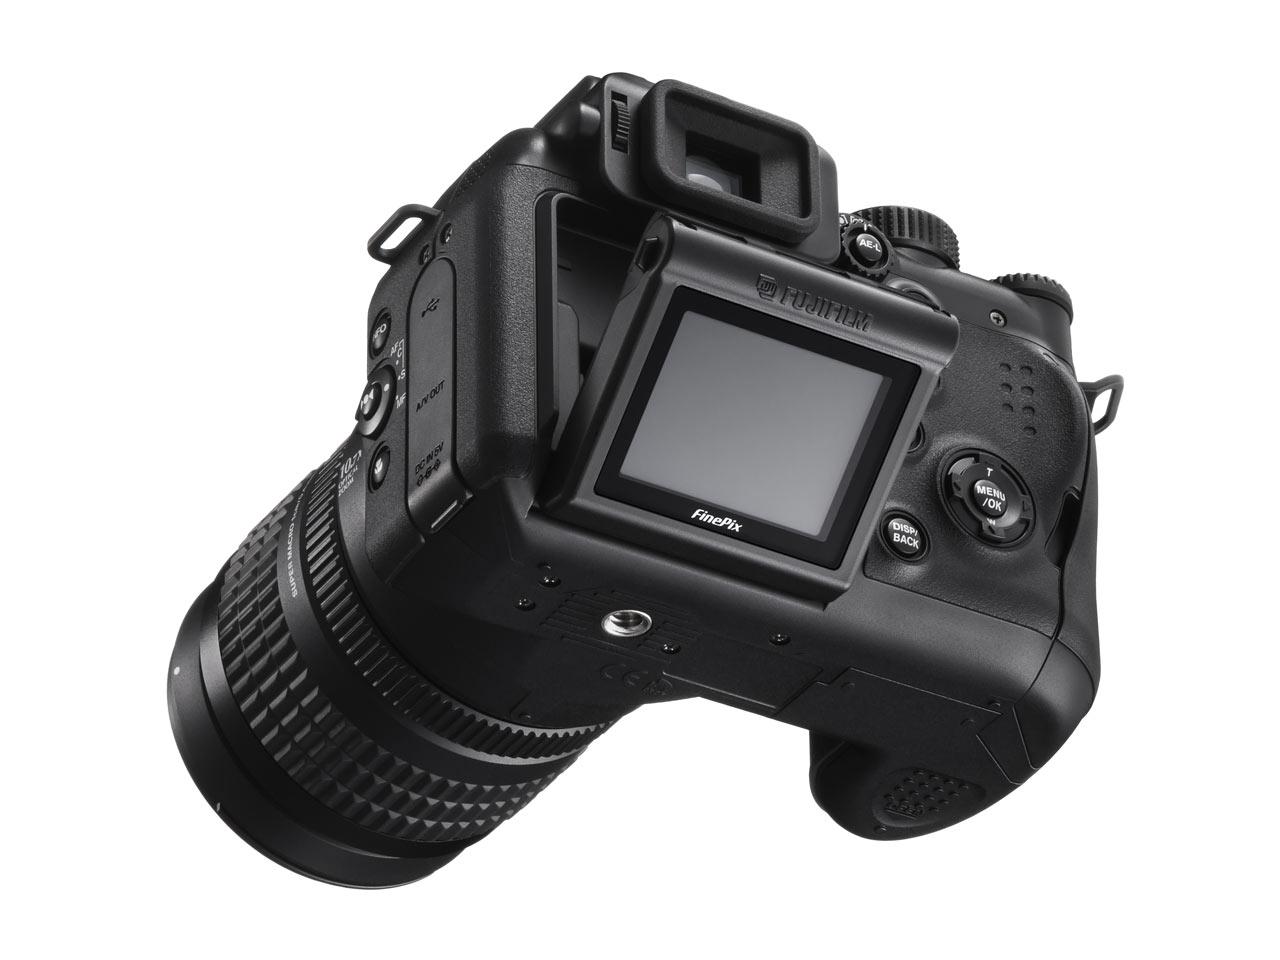 Fujifilm Finepix S9000 S9500 Zoom Digital Photography